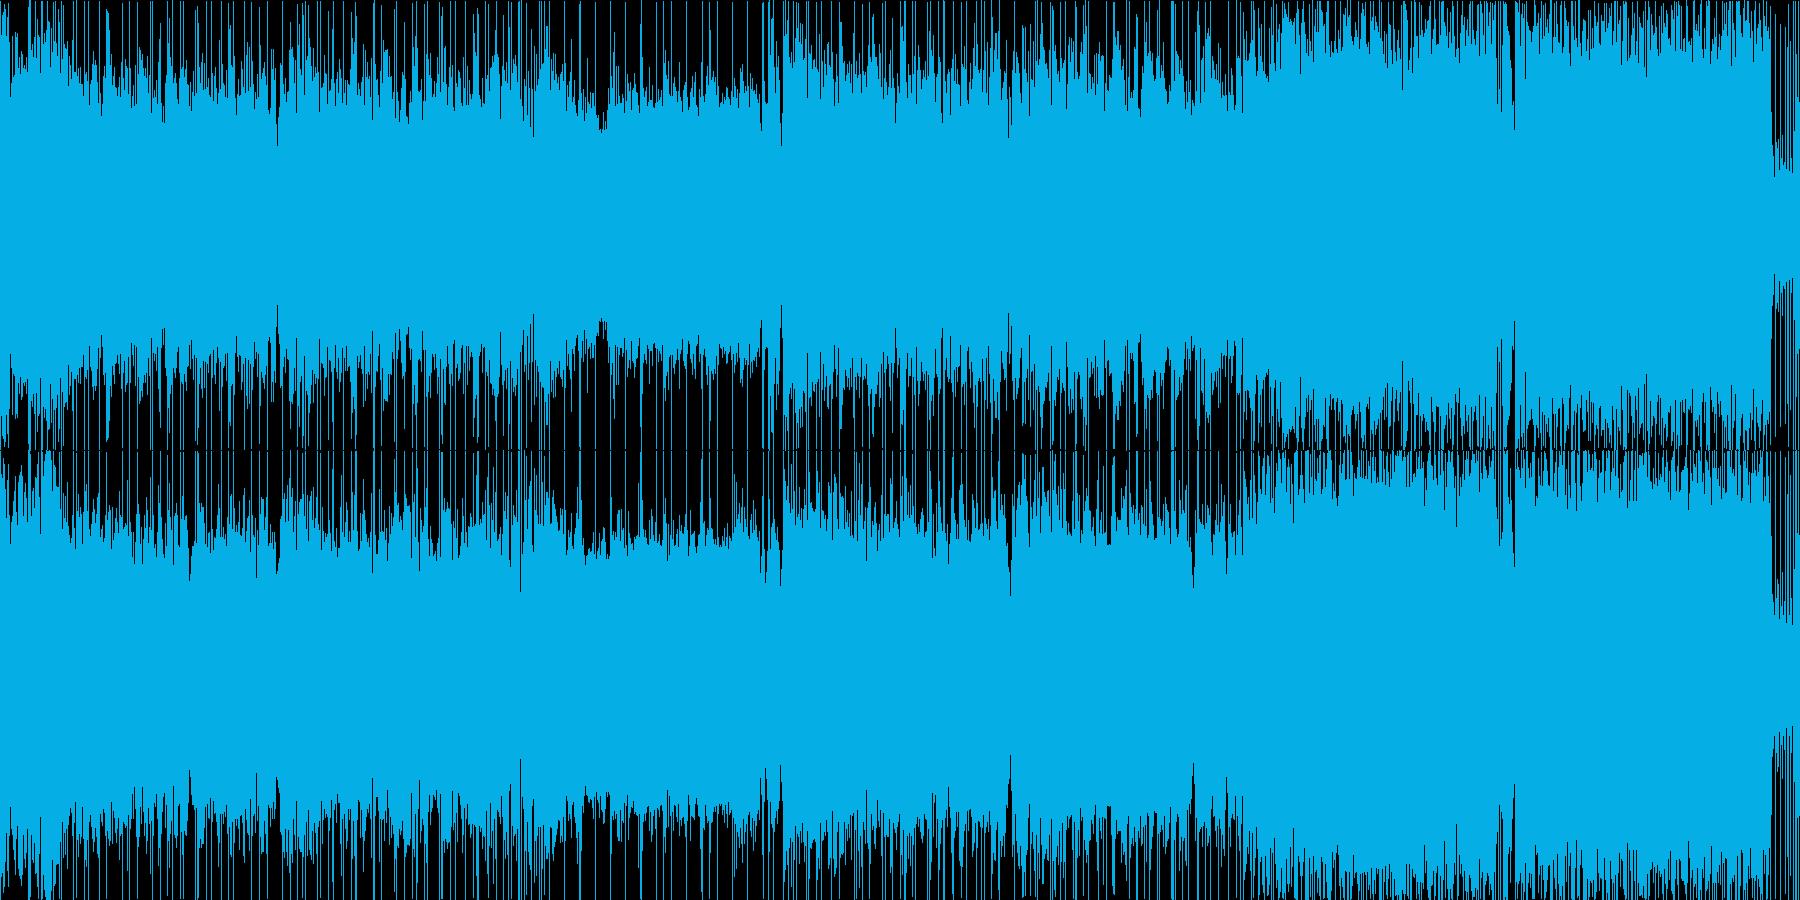 スローテンポのバトル楽曲の再生済みの波形